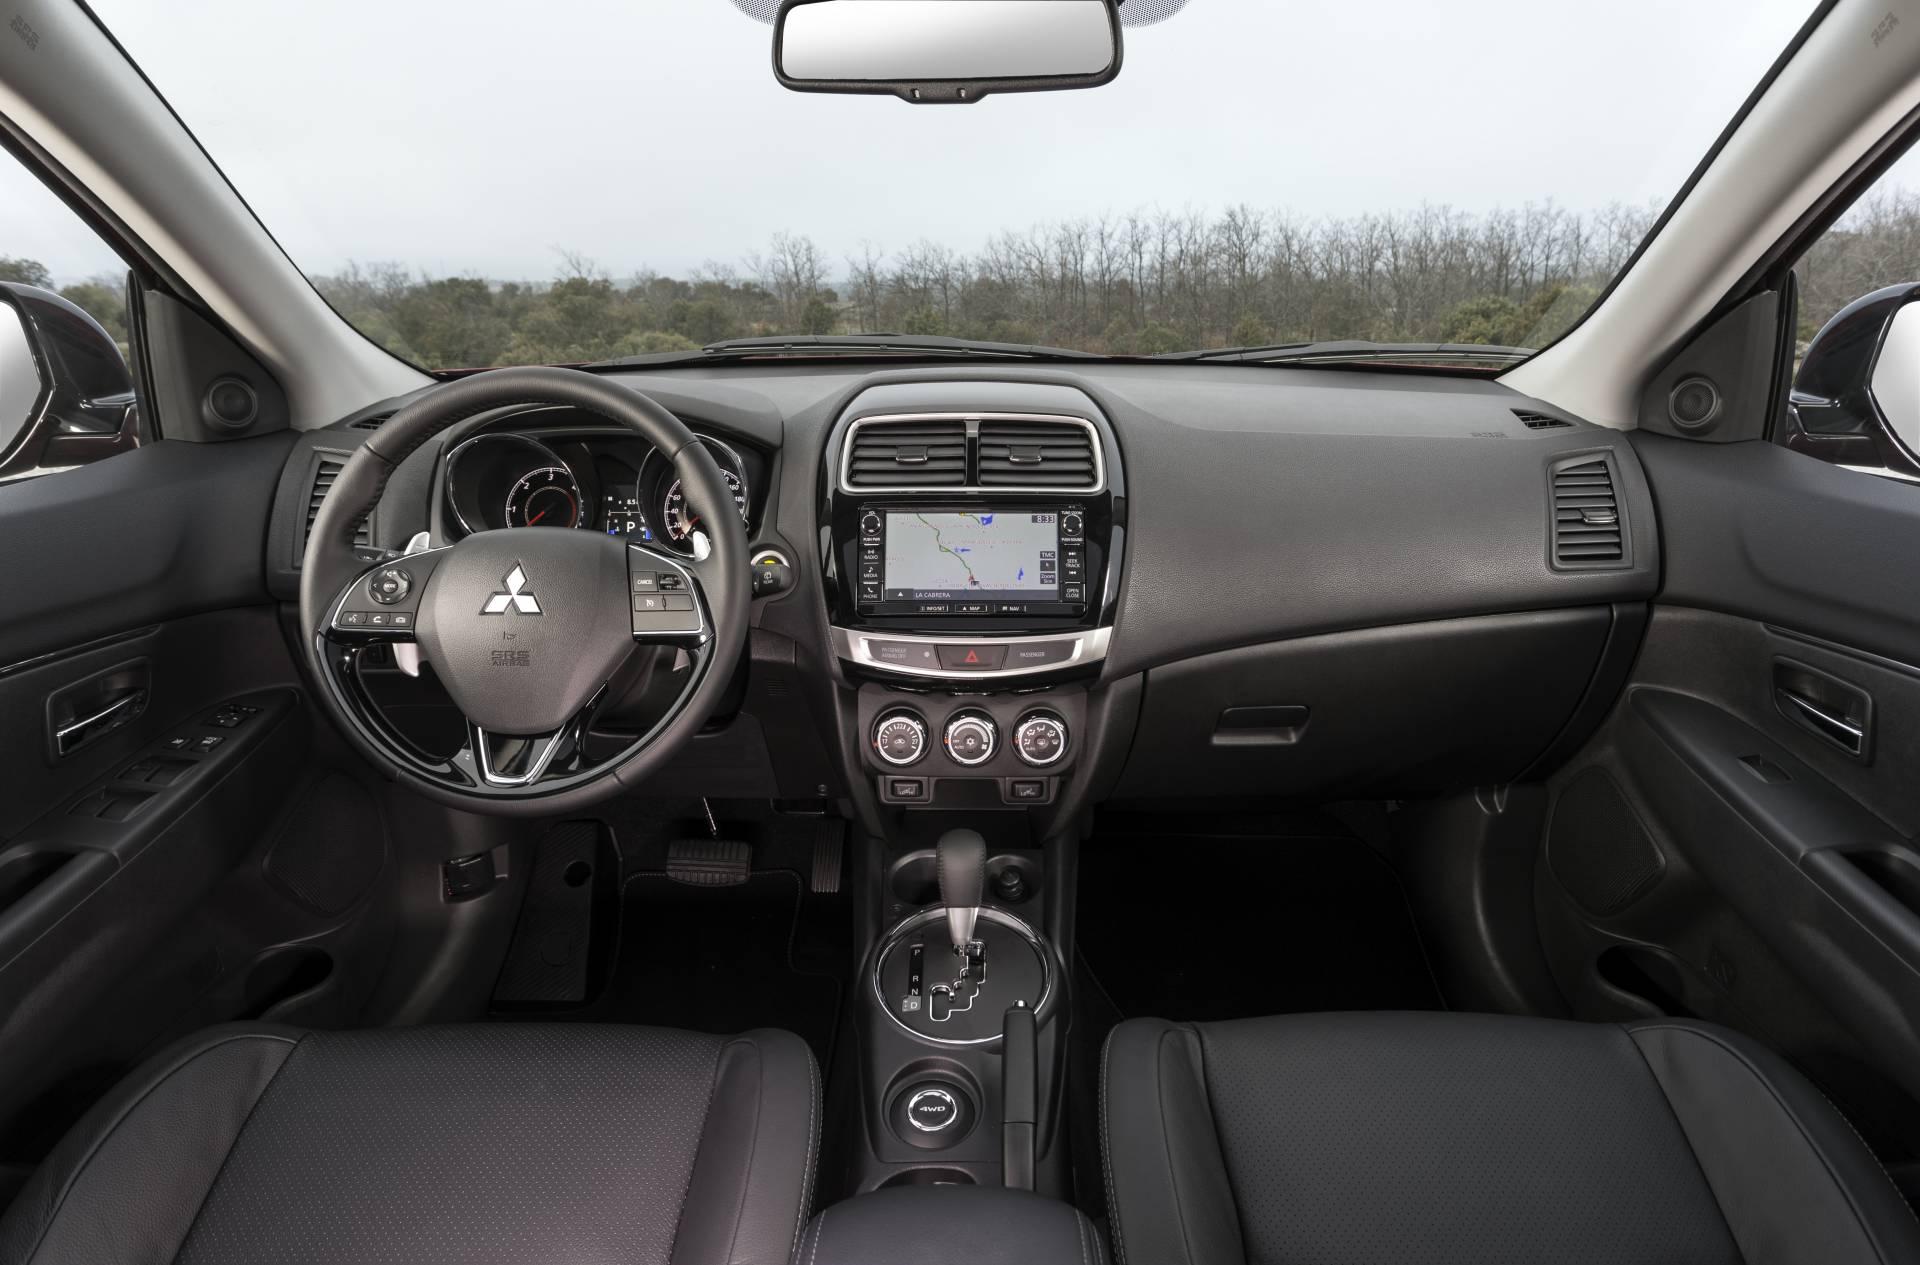 Todos los mandos se encuentran al alcance de la mano y resultan de fácil localización. Tras el volante se encuentran las levas para utilizar el cambio automático en modo manual-secuencial.